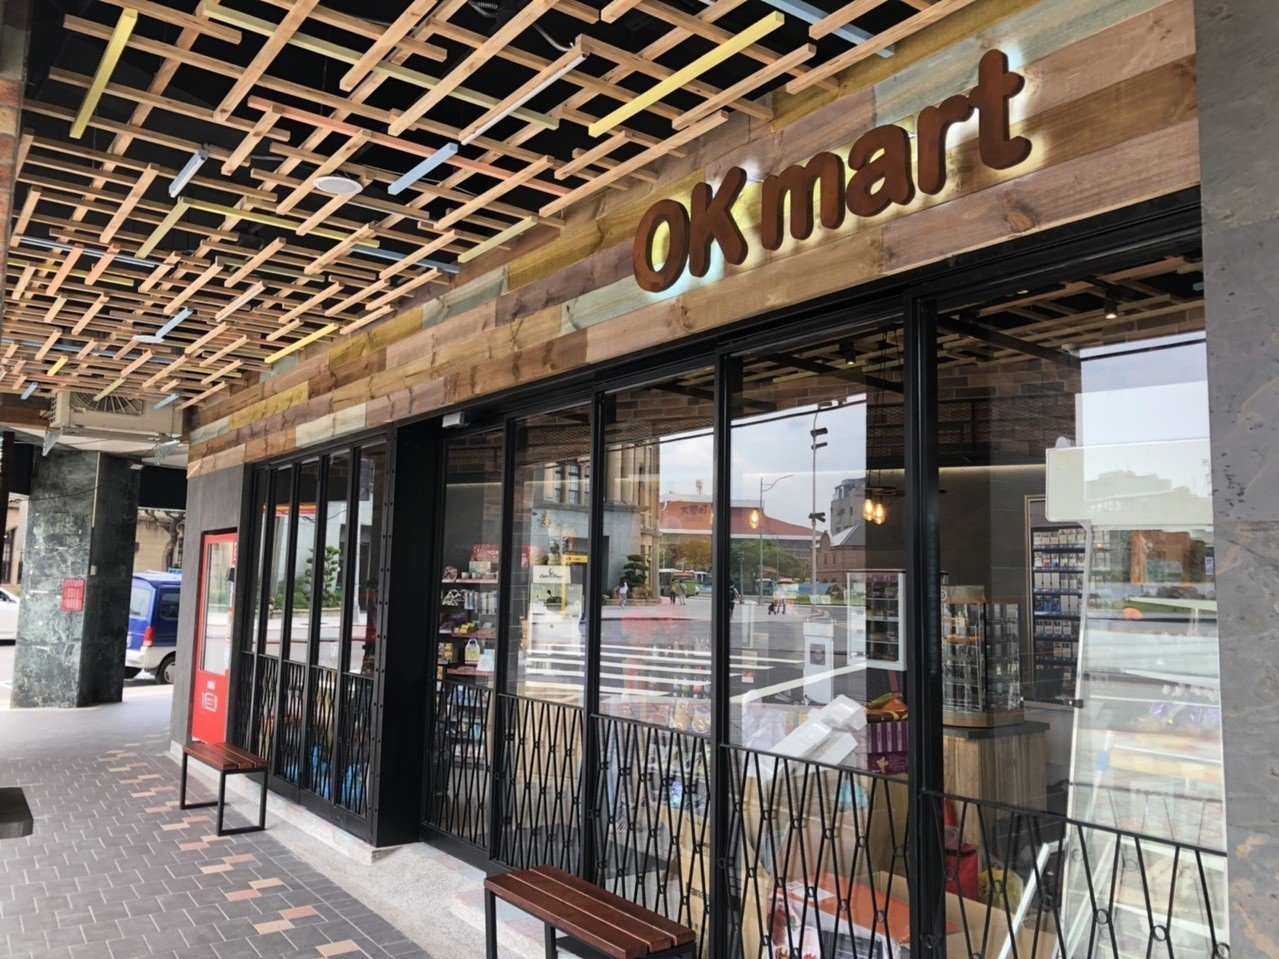 OKmart台北北門門市保留北門城牆與磚瓦風格,店外專有的北門最佳拍攝點在假日甚...